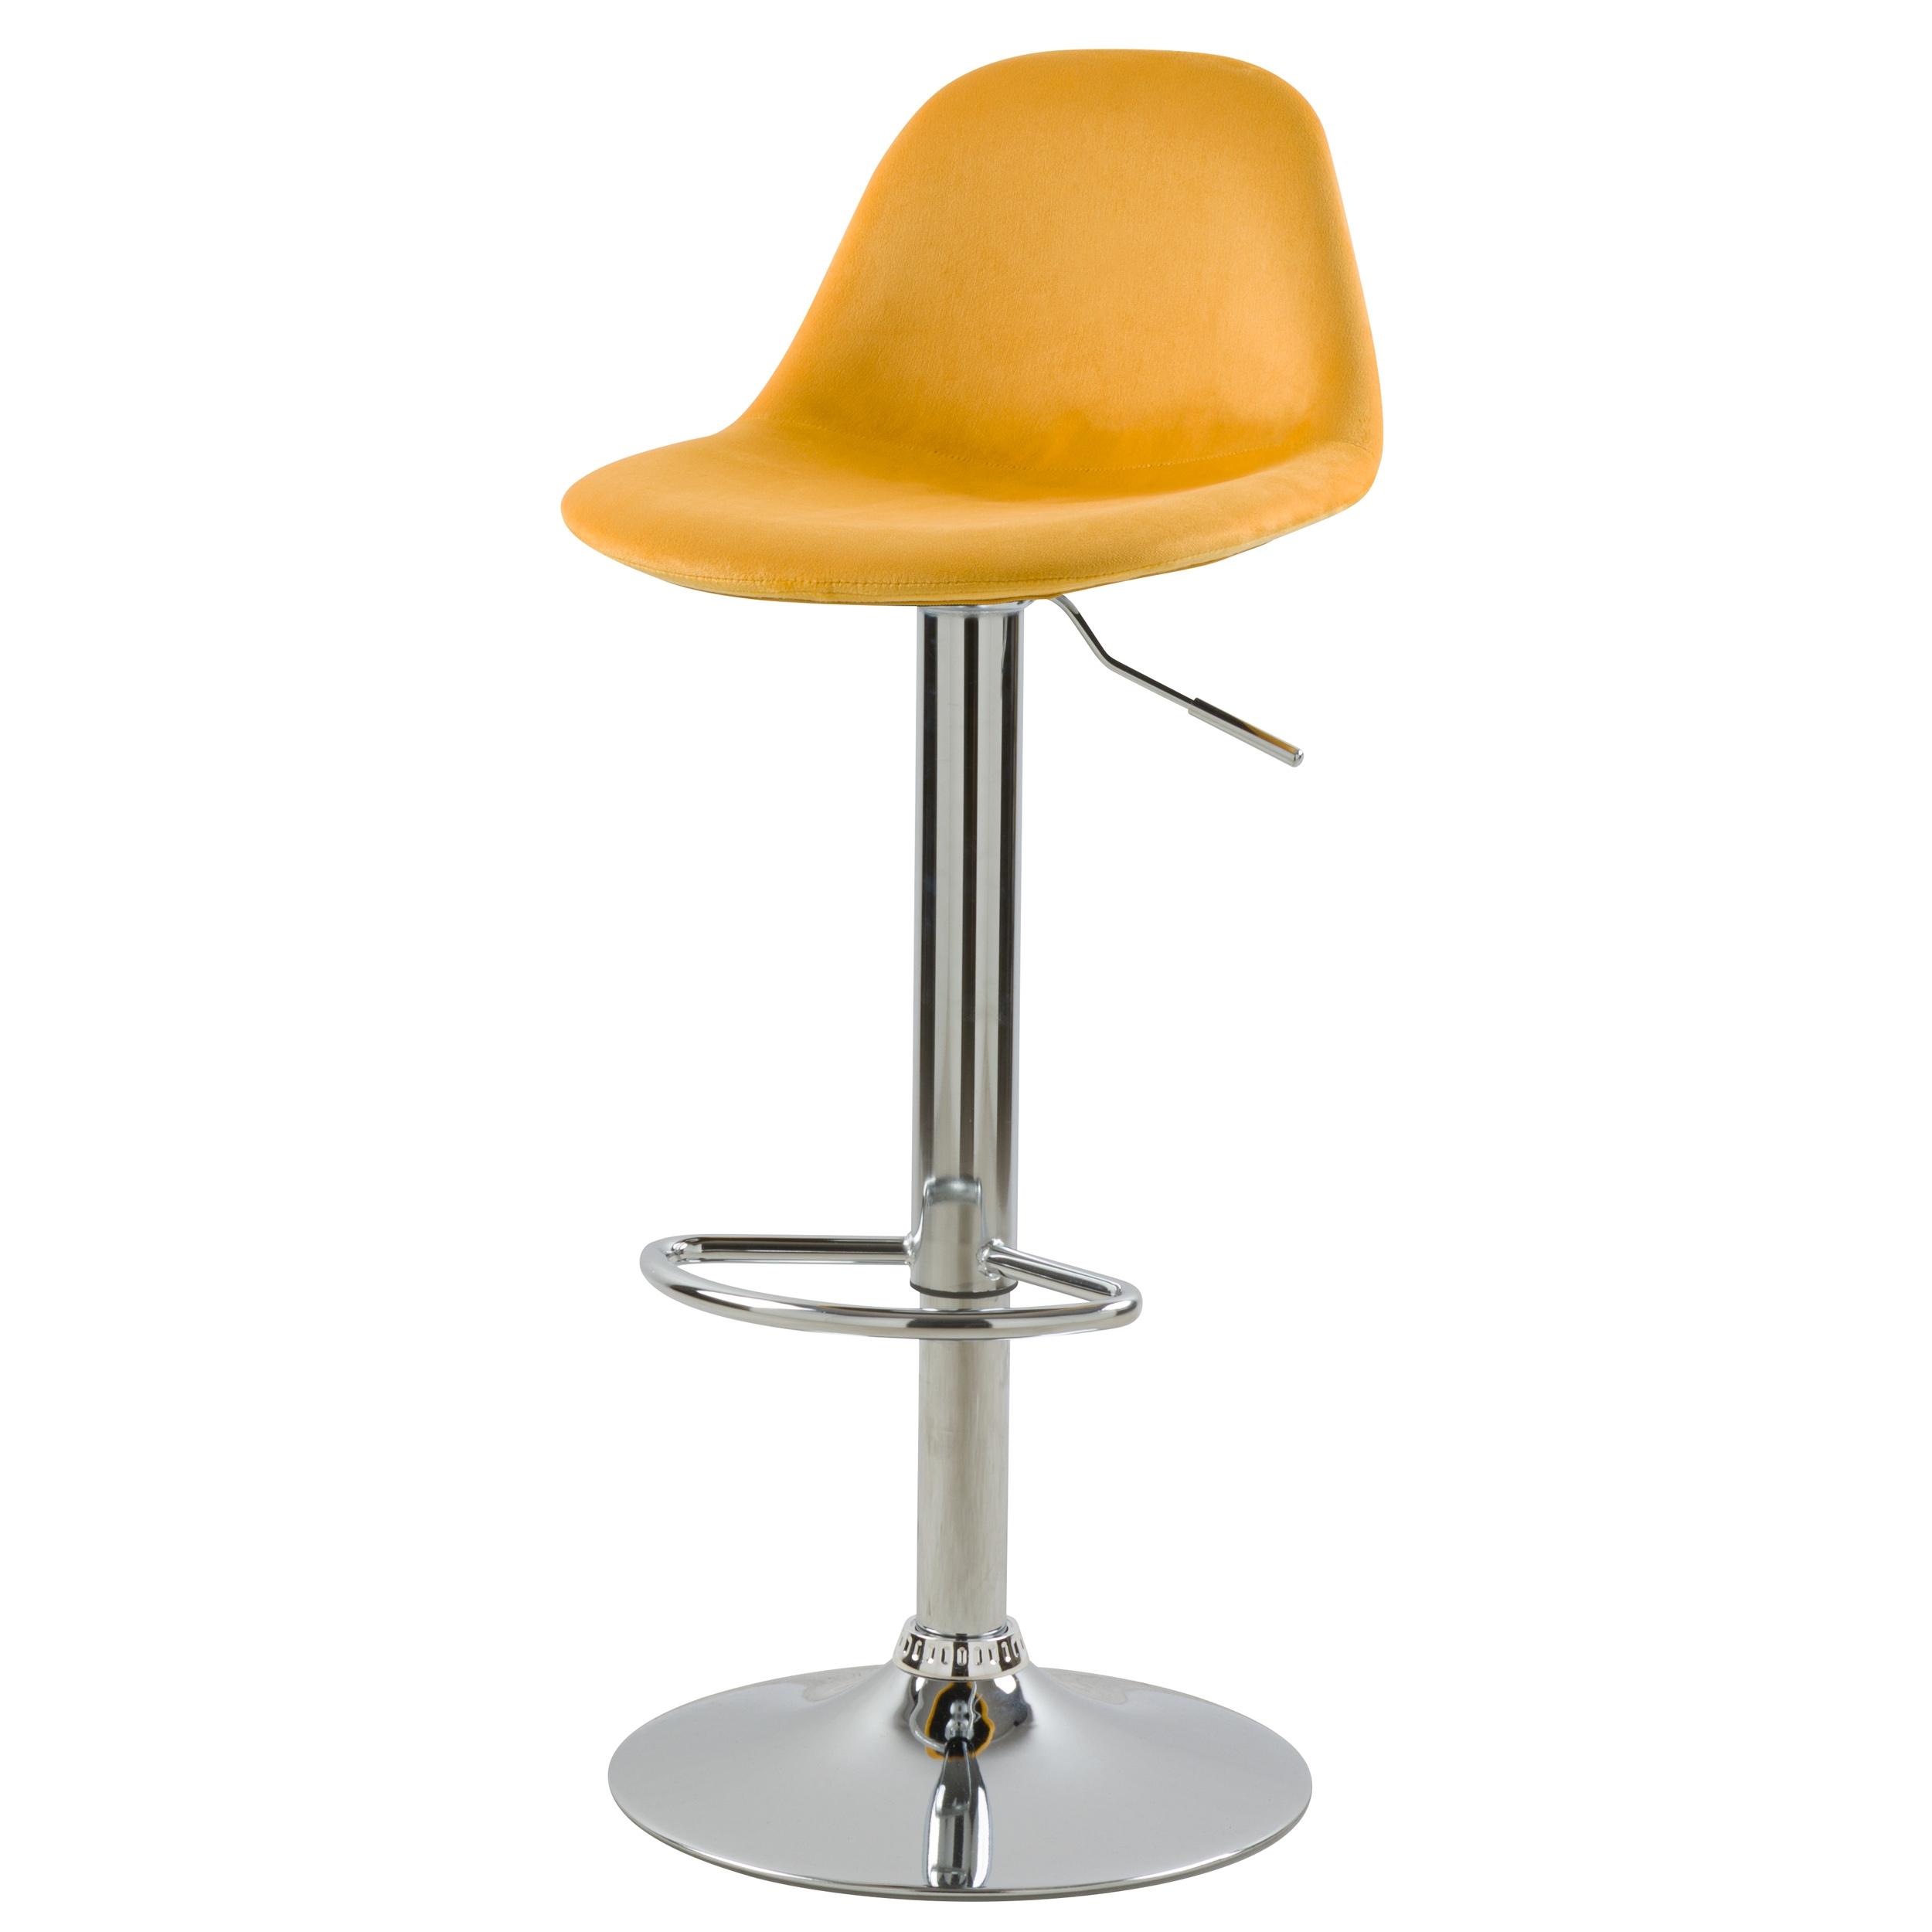 Chaise de bar réglable 60/82 cm en velours jaune